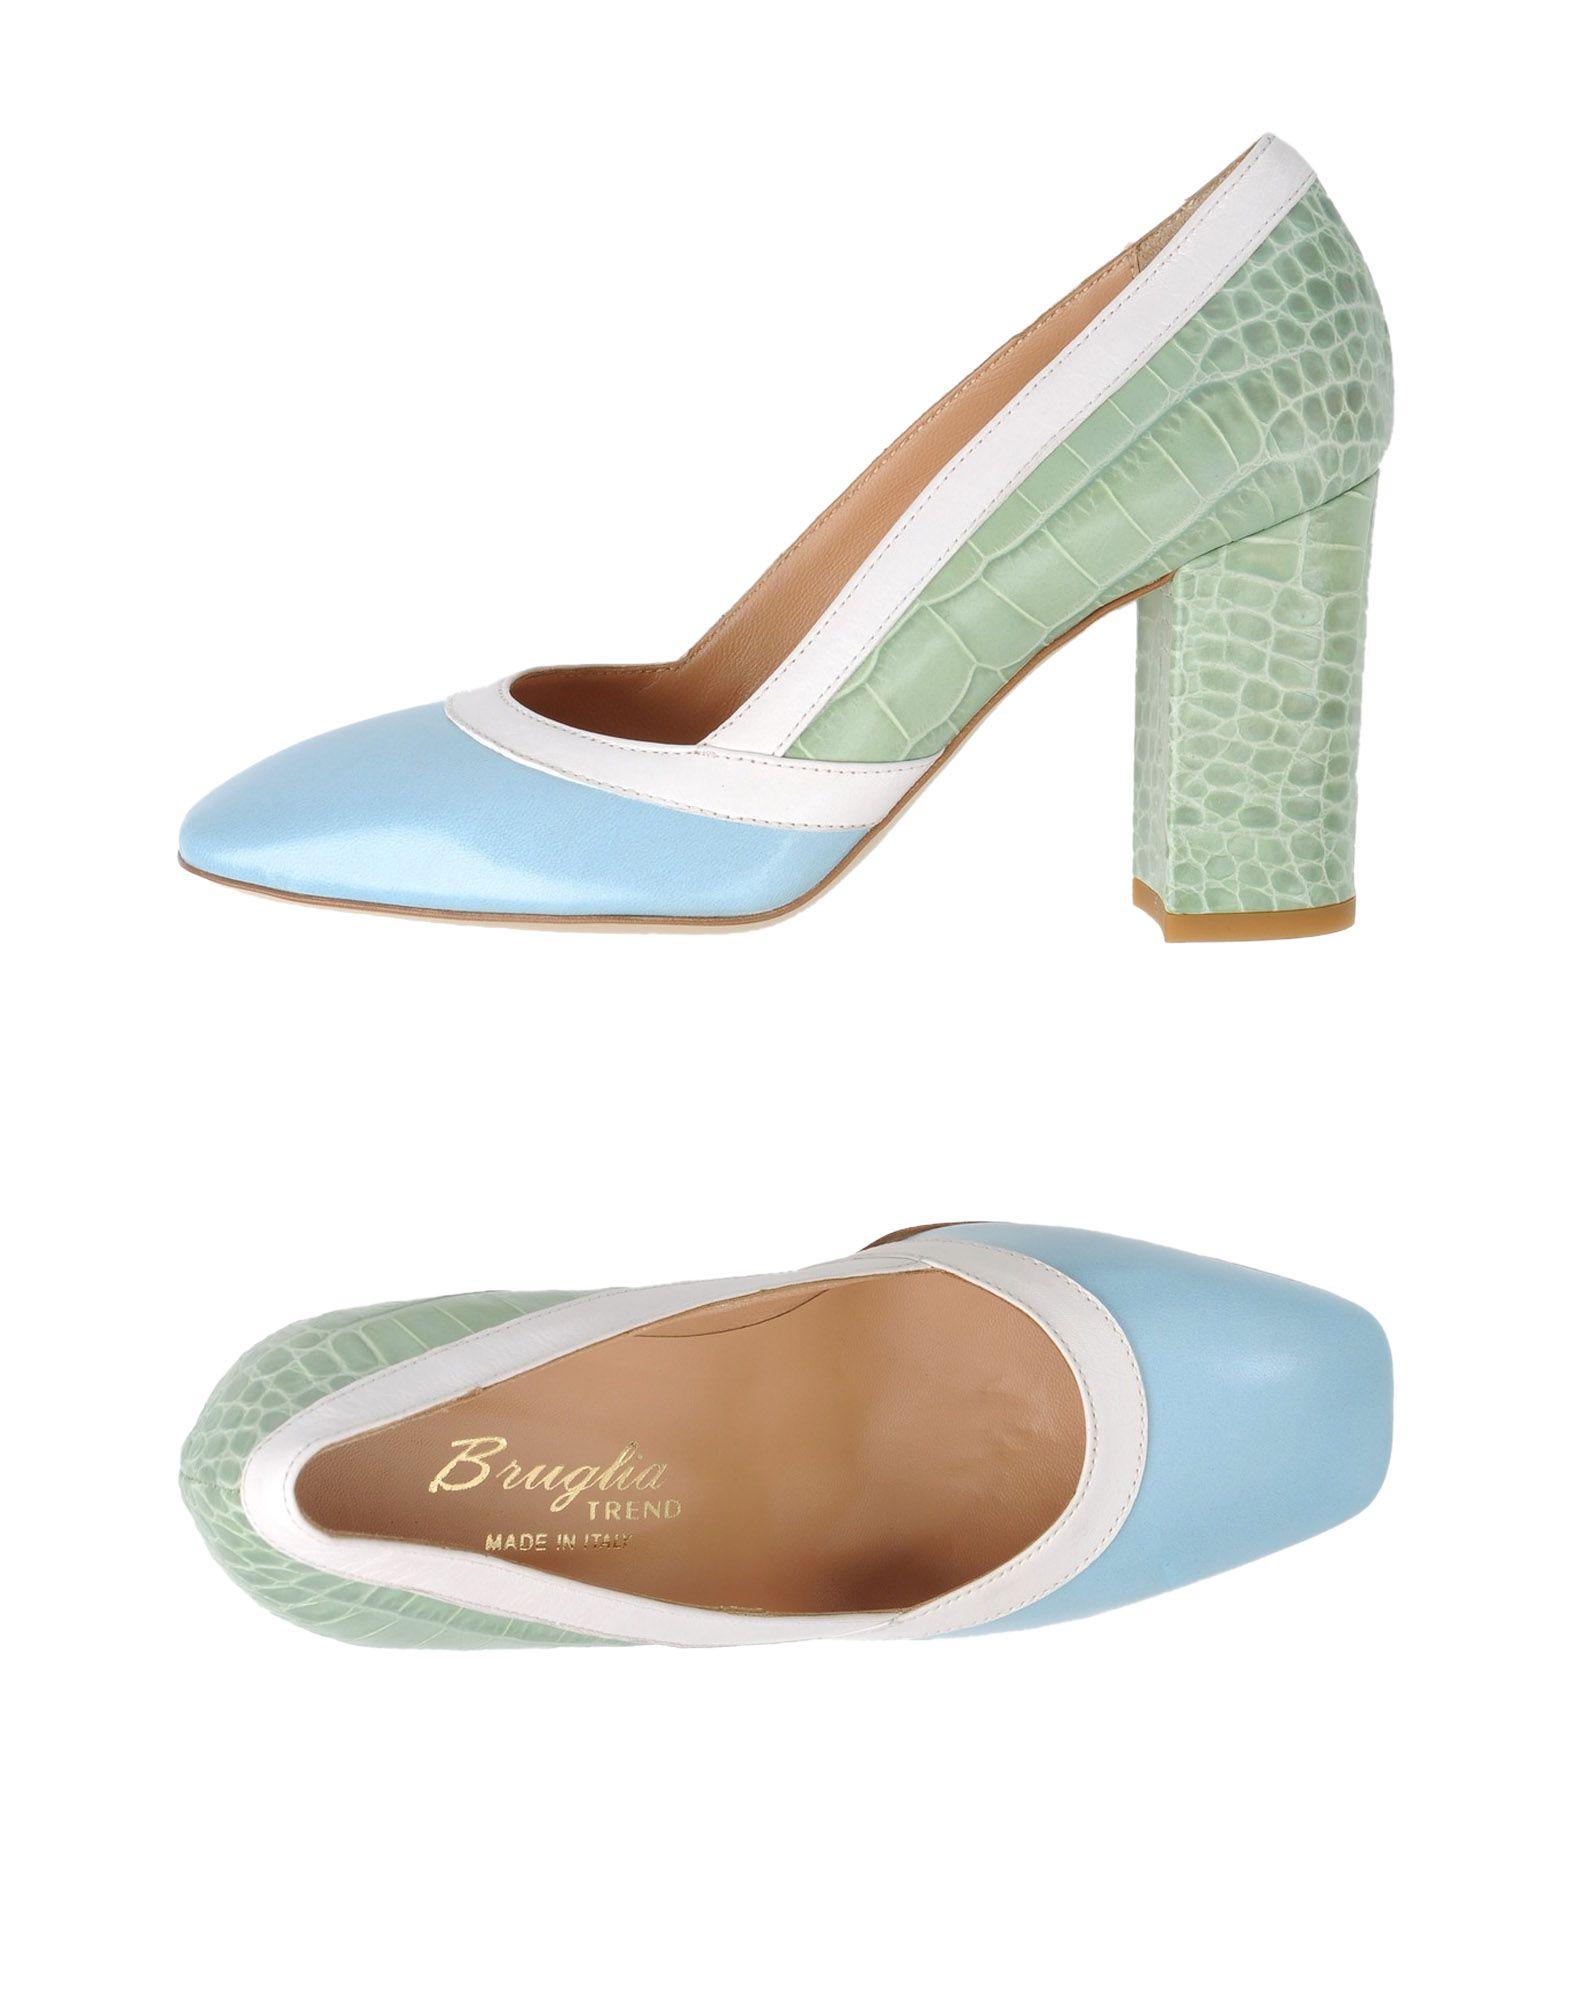 F.Lli Bruglia Pumps Damen  11345456CI Gute Qualität beliebte Schuhe